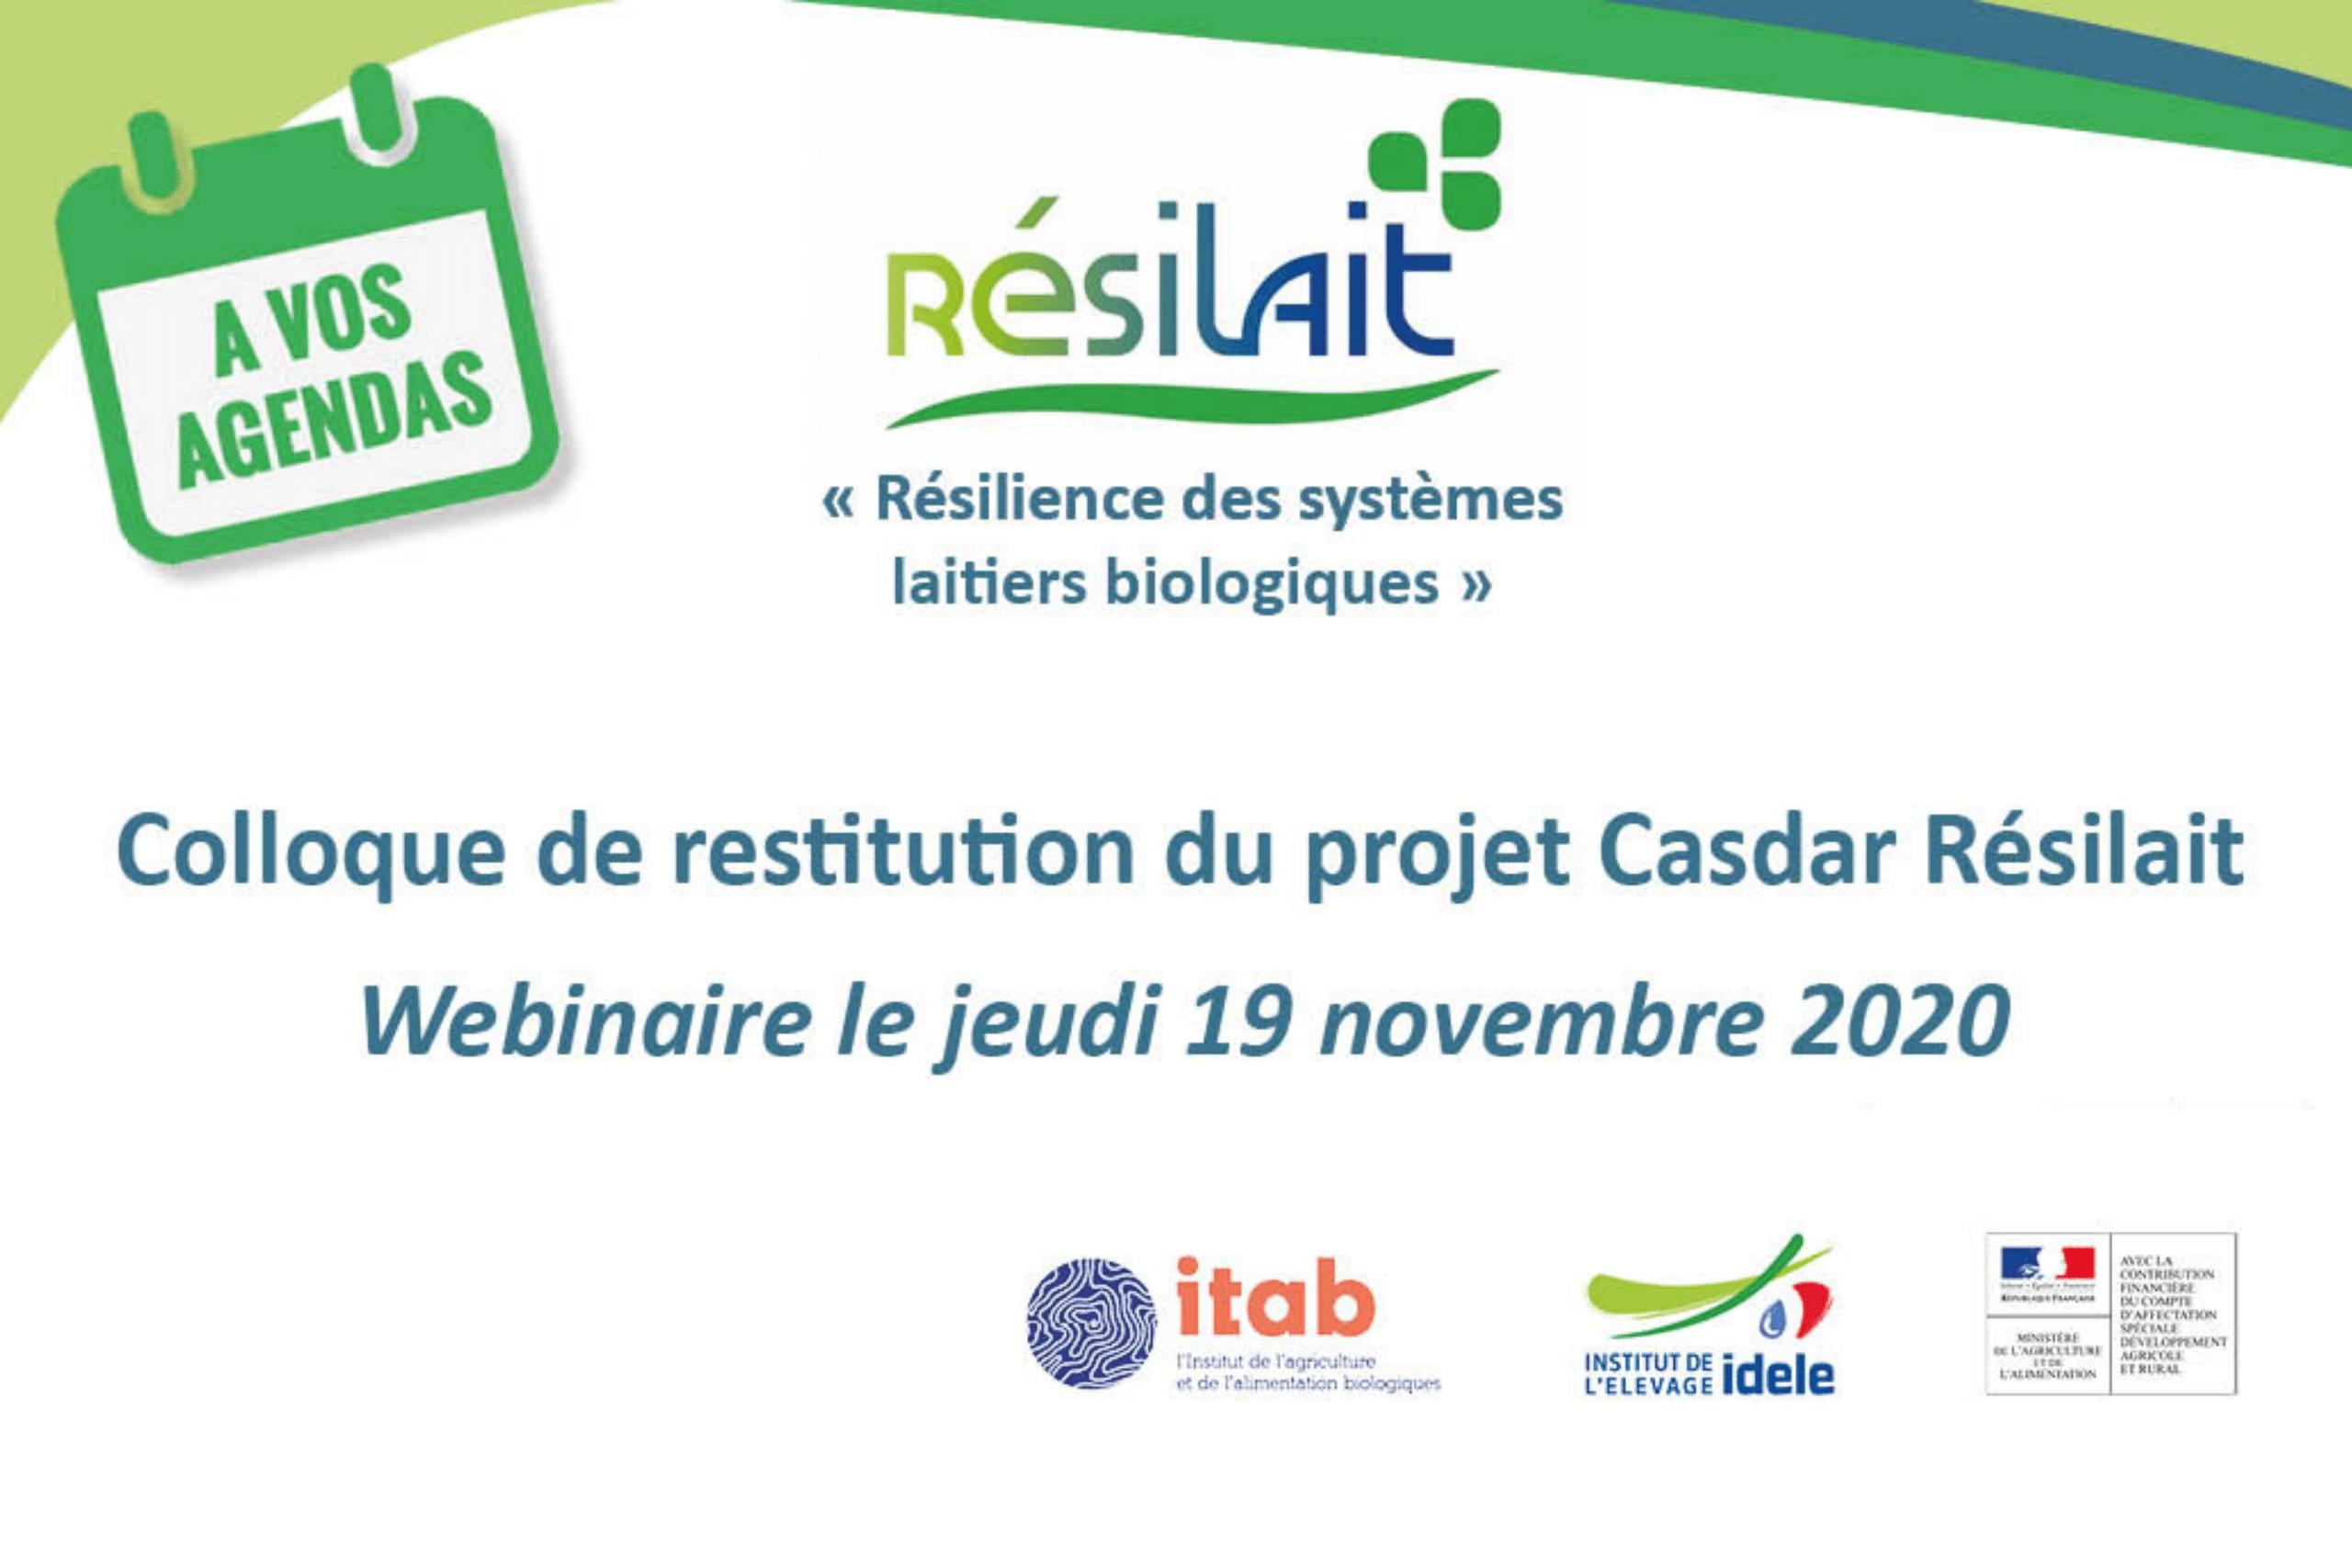 Projet Résilait : le séminaire de restitution aura bien lieu le 19 novembre, mais en webinaire !